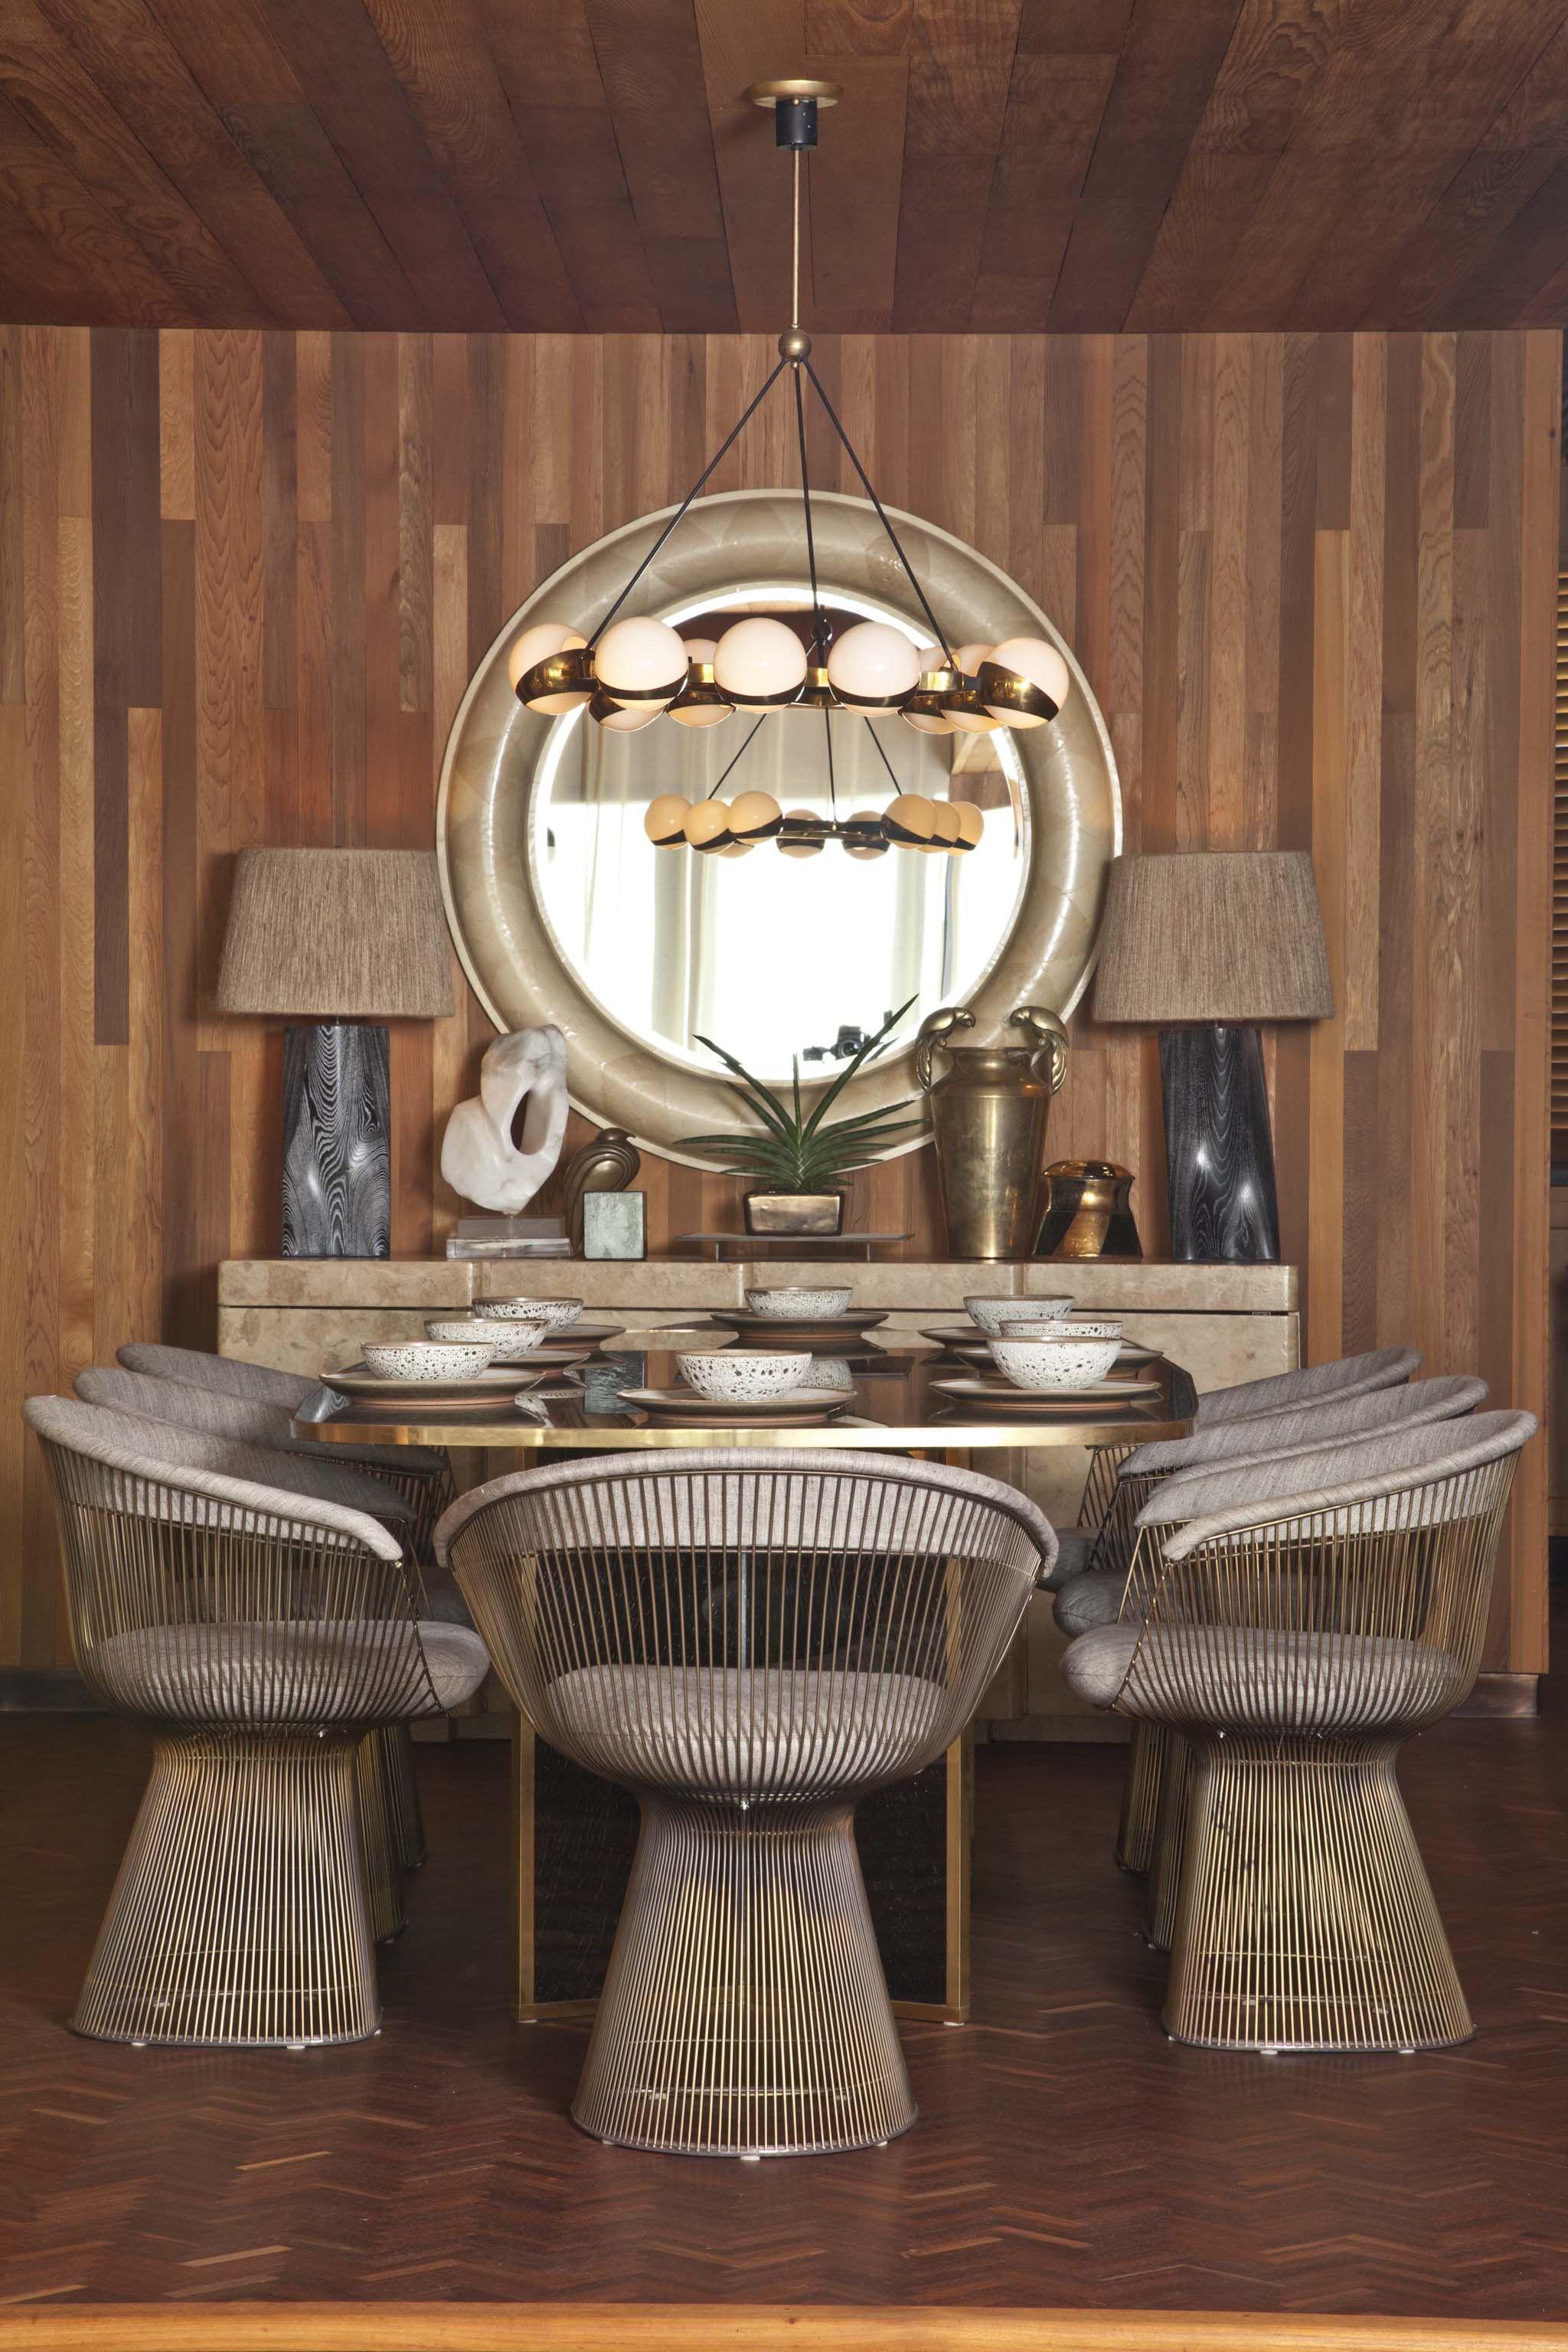 Spiegel & stoelen .................. - Inspiratie | Pinterest ...